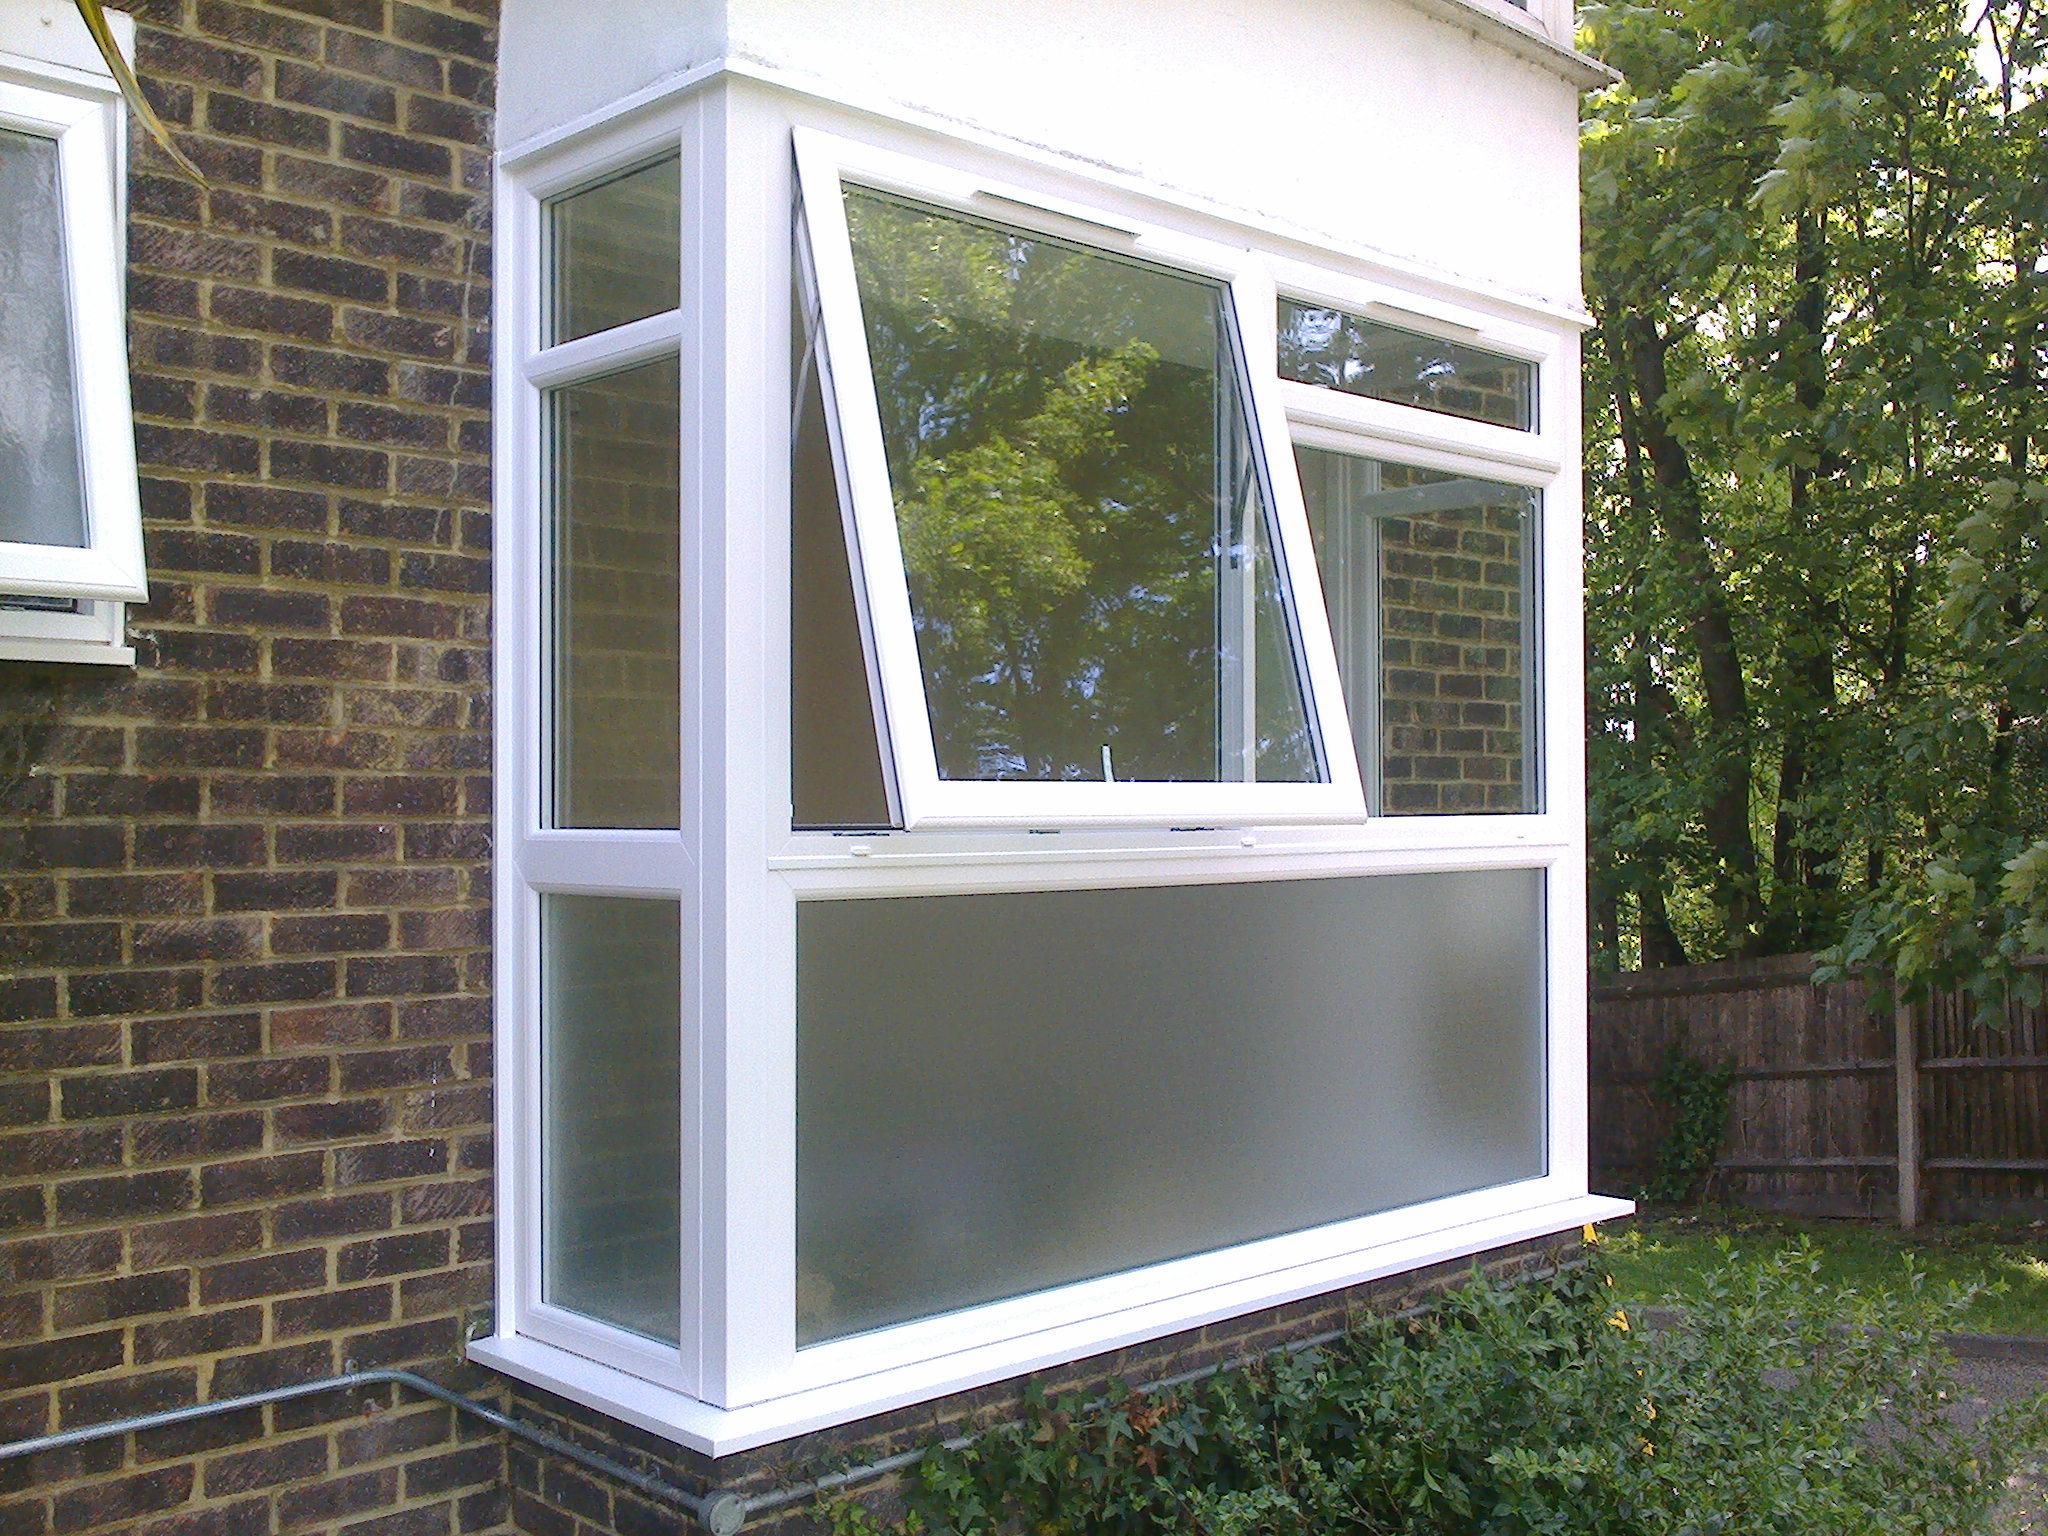 Casement window combination